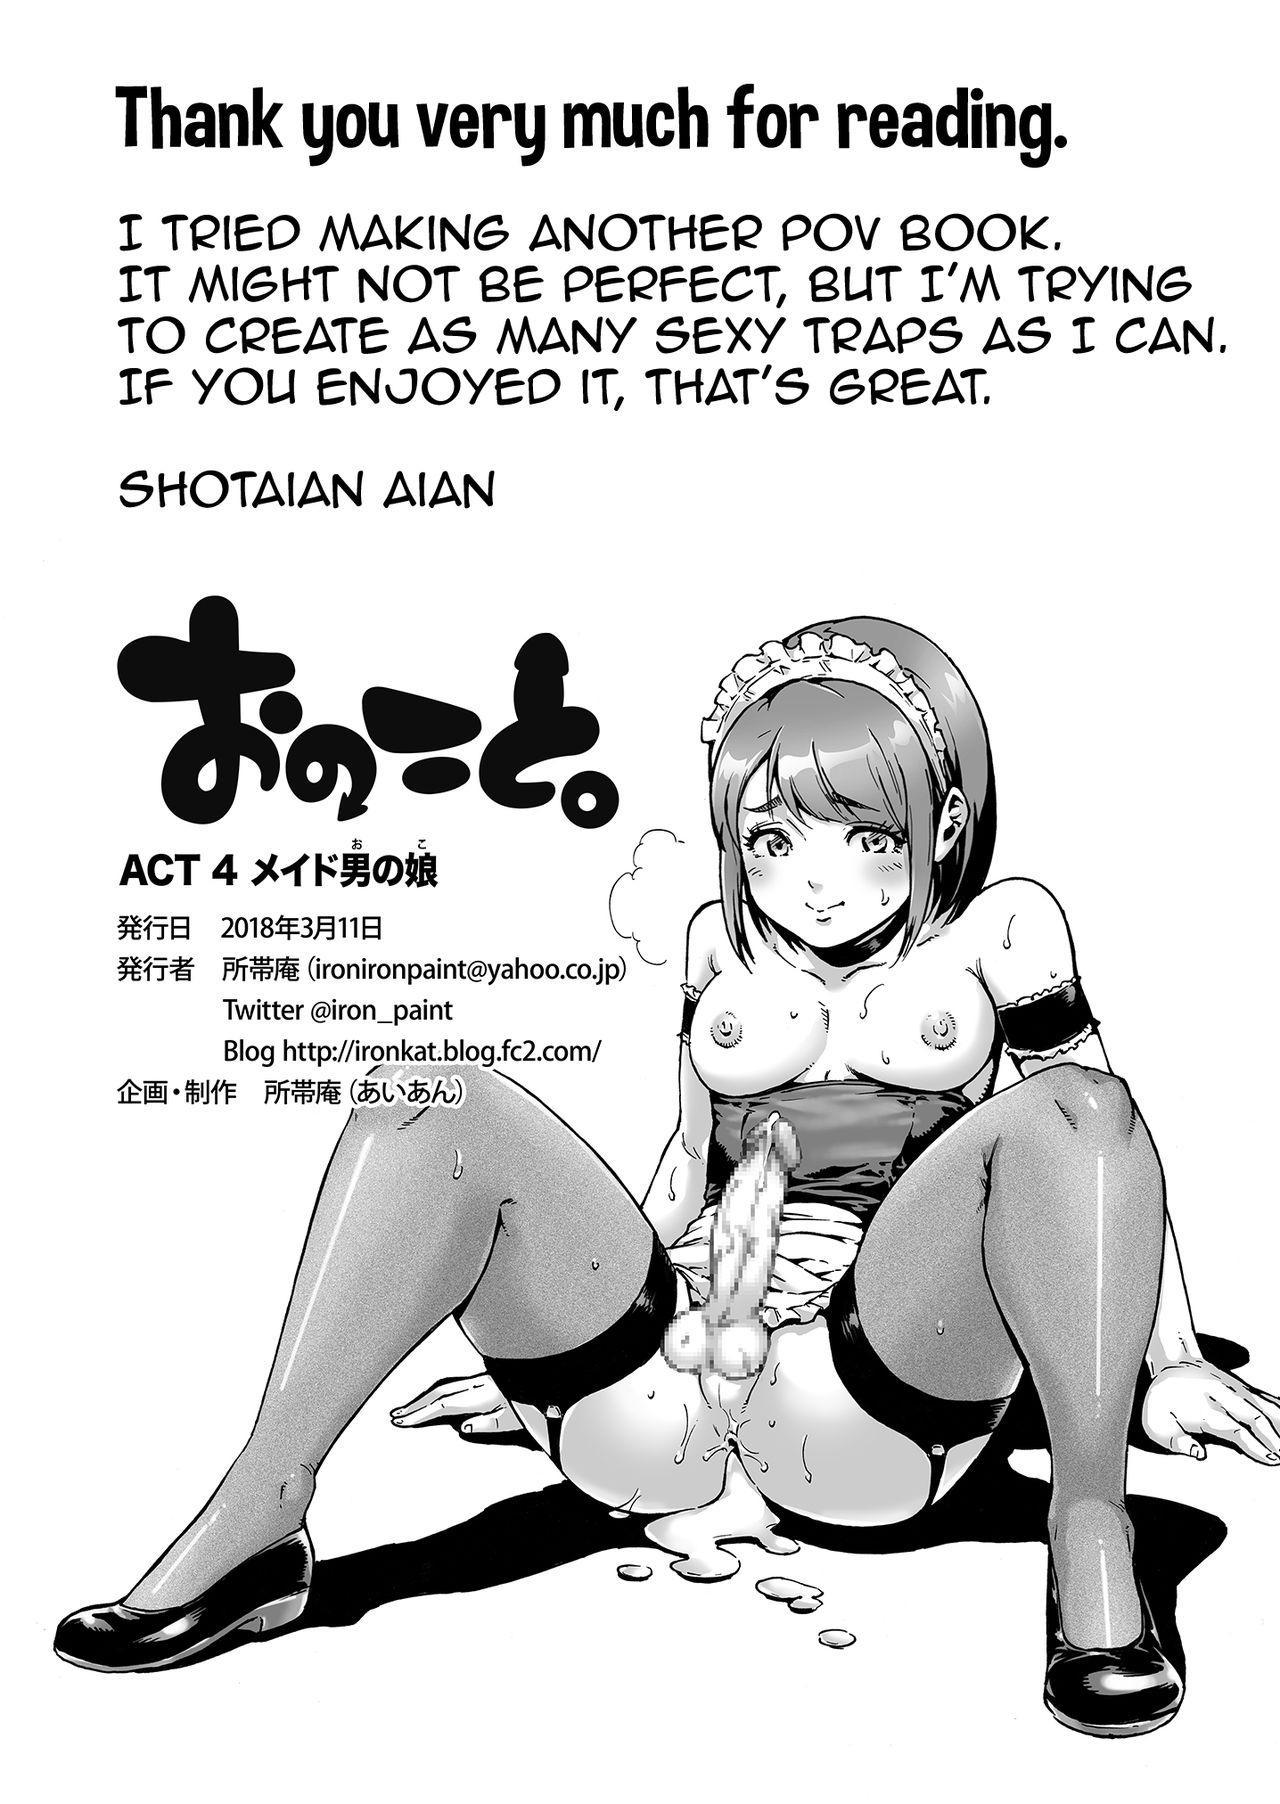 Onoko to. ACT 4 Maid Onoko 19